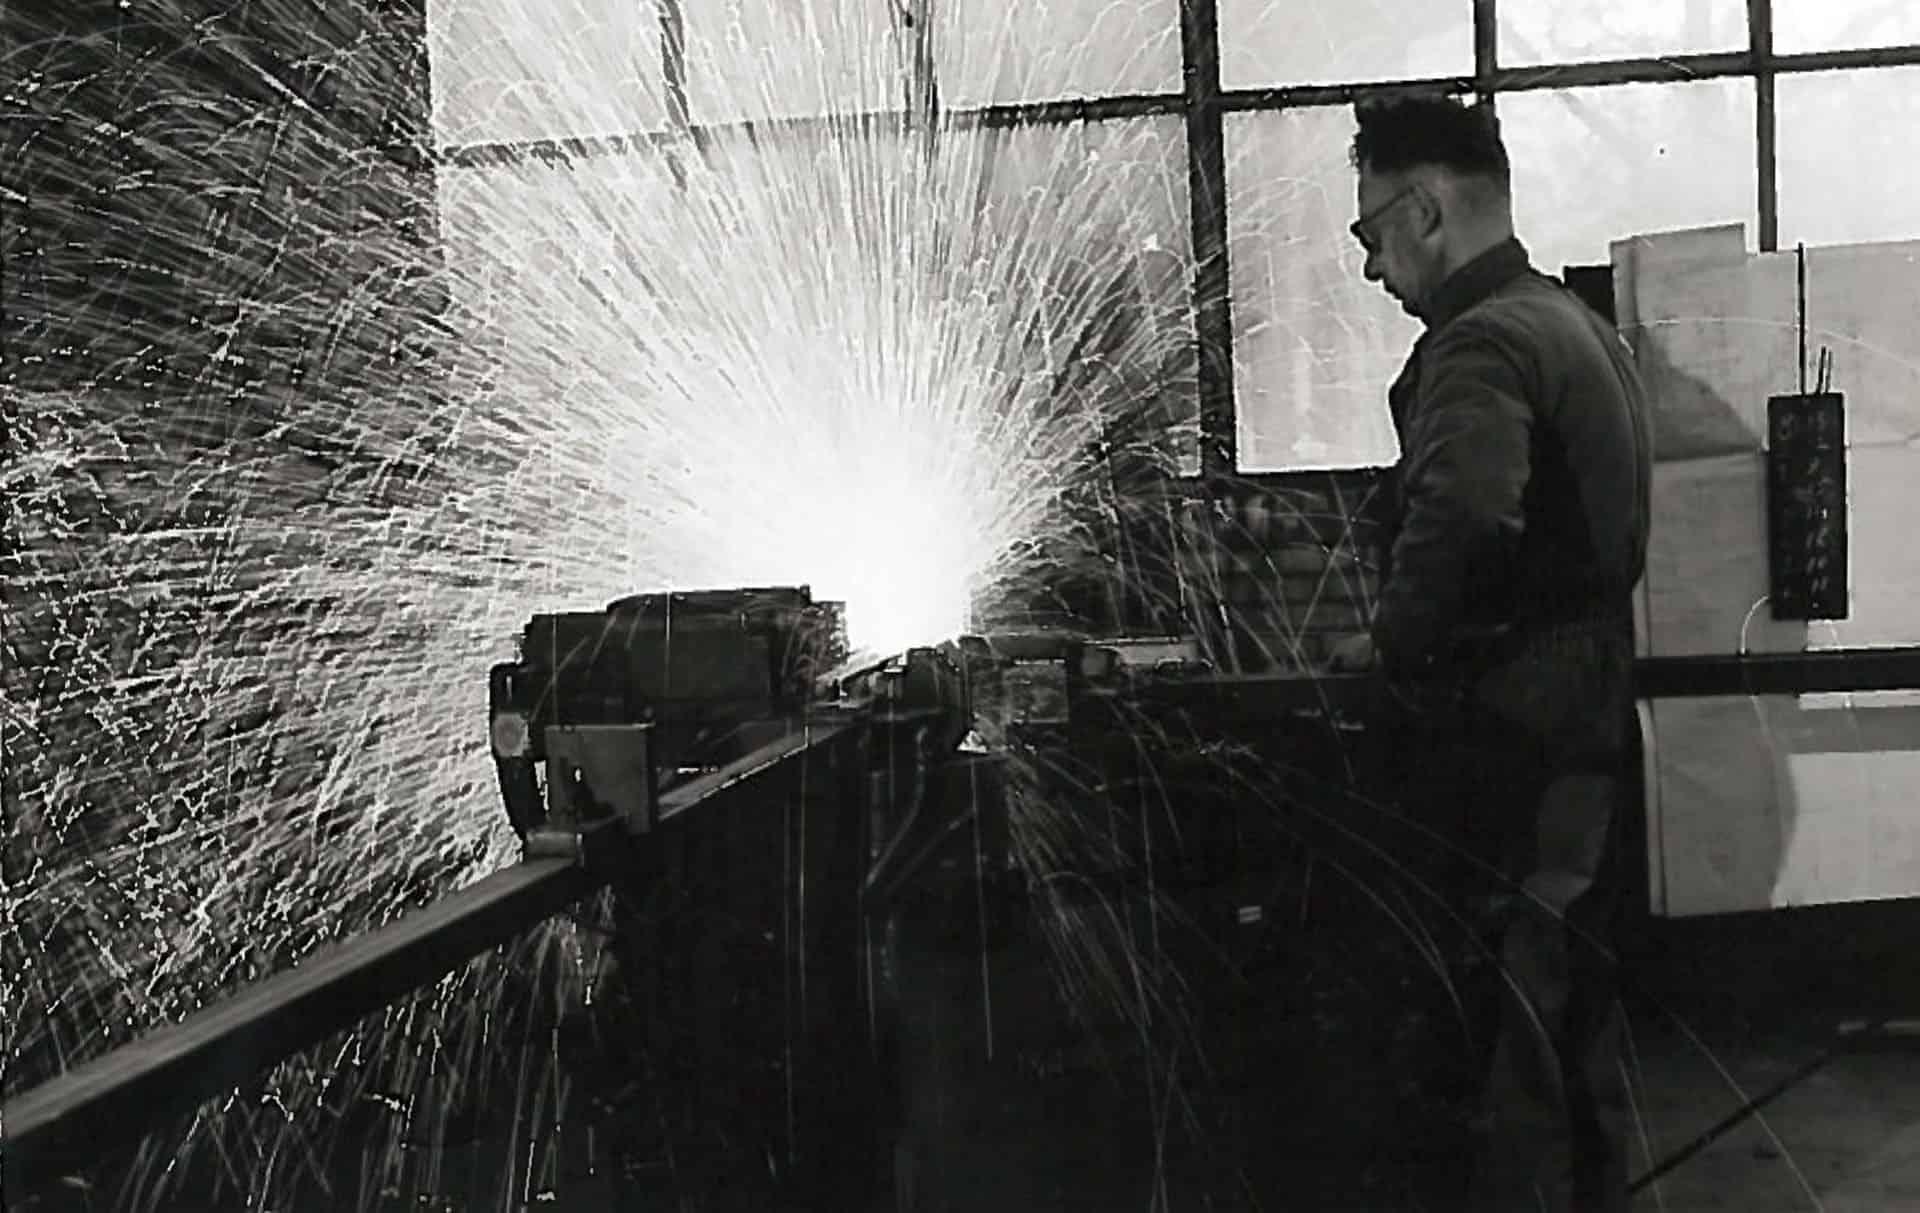 Vakman lasser van MHB uit de jaren 30